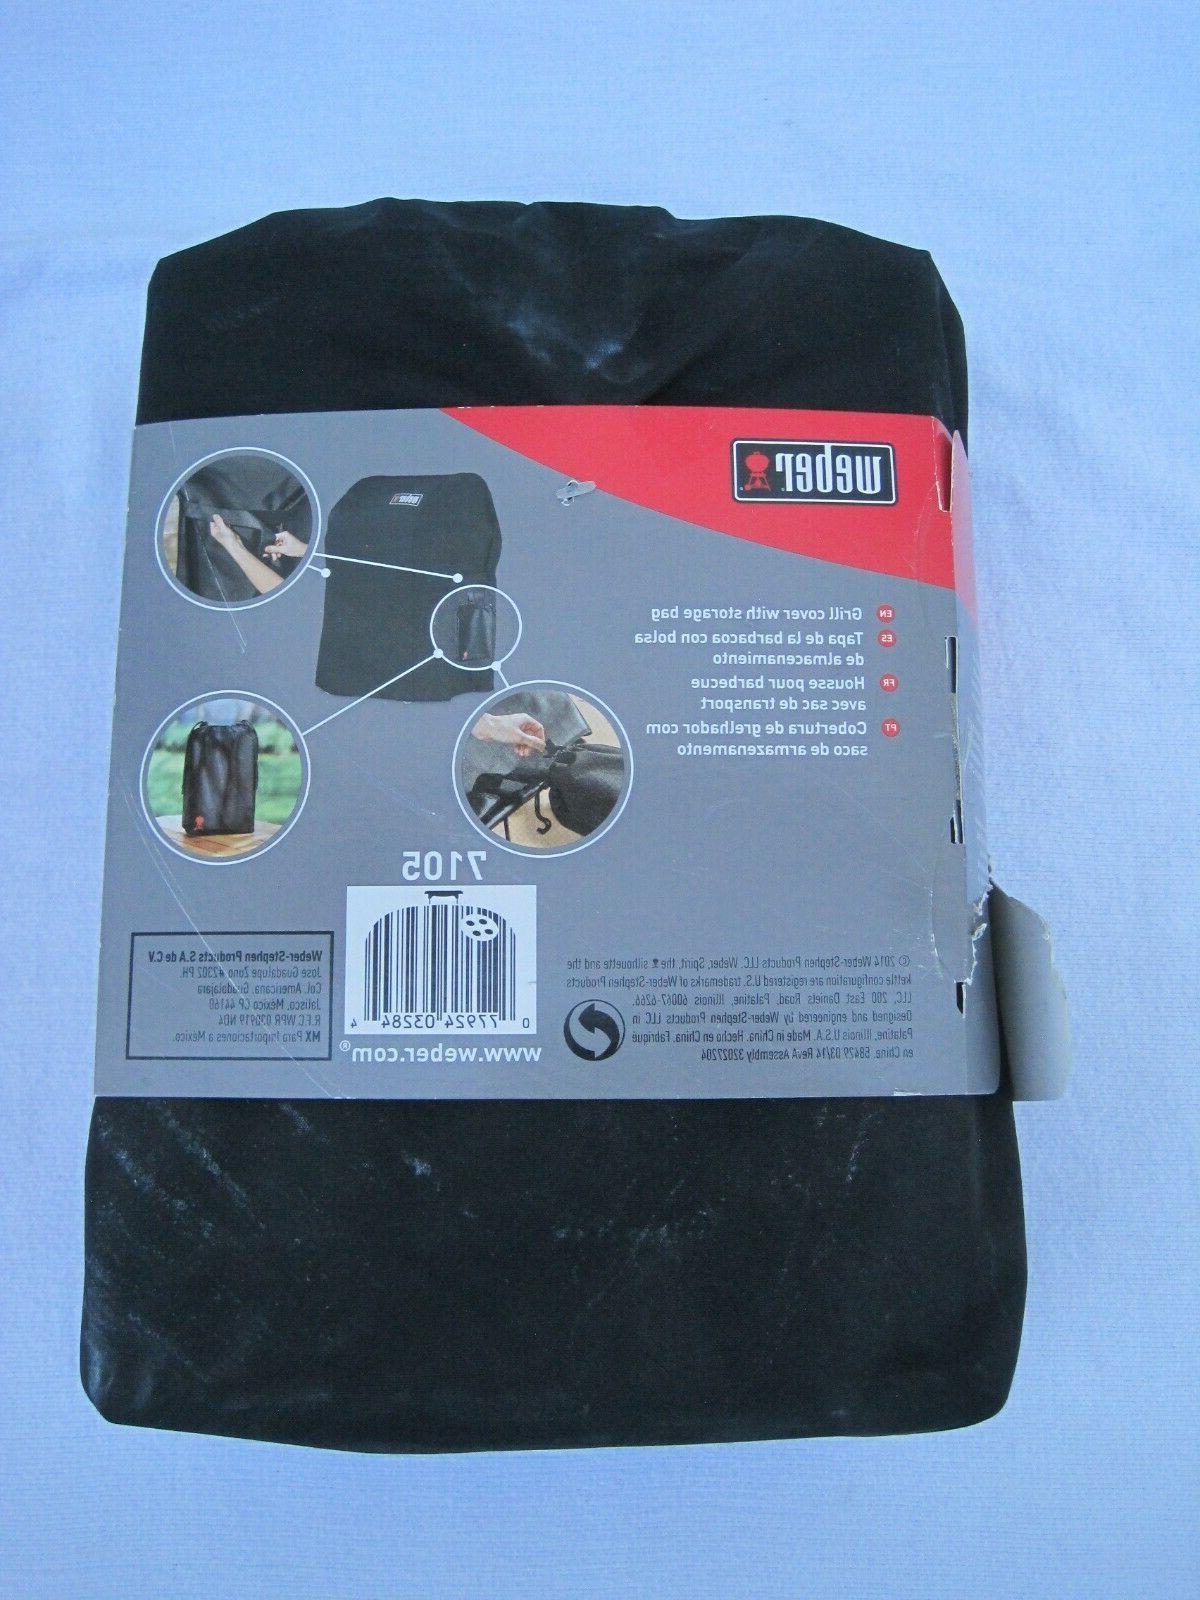 Weber SPIRIT 210 with storage 7105